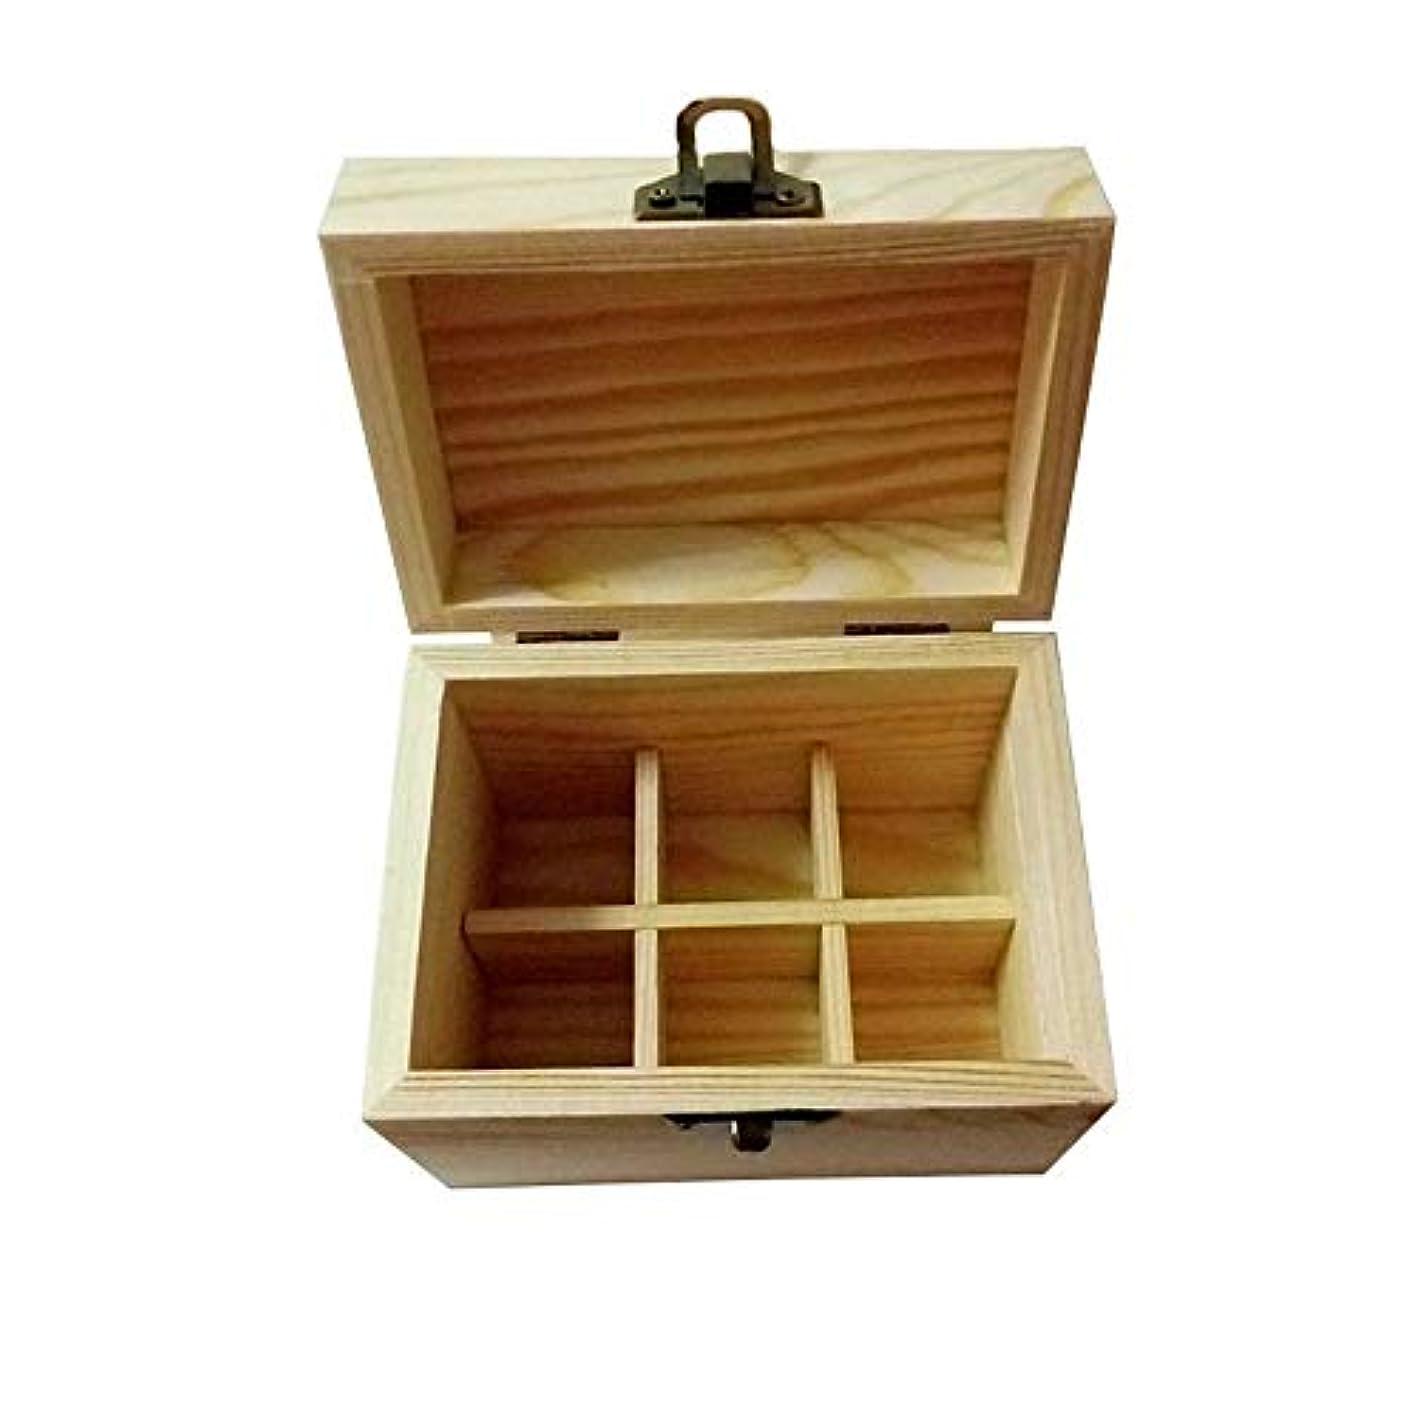 数字演じる商業のエッセンシャルオイルストレージボックス エッセンシャルオイルストレージボックスケース木製??の主催者は6本のキャリングセーフボトルやホームストレージの表示を保持します 旅行およびプレゼンテーション用 (色 : Natural, サイズ : 11.5X8X9.5CM)